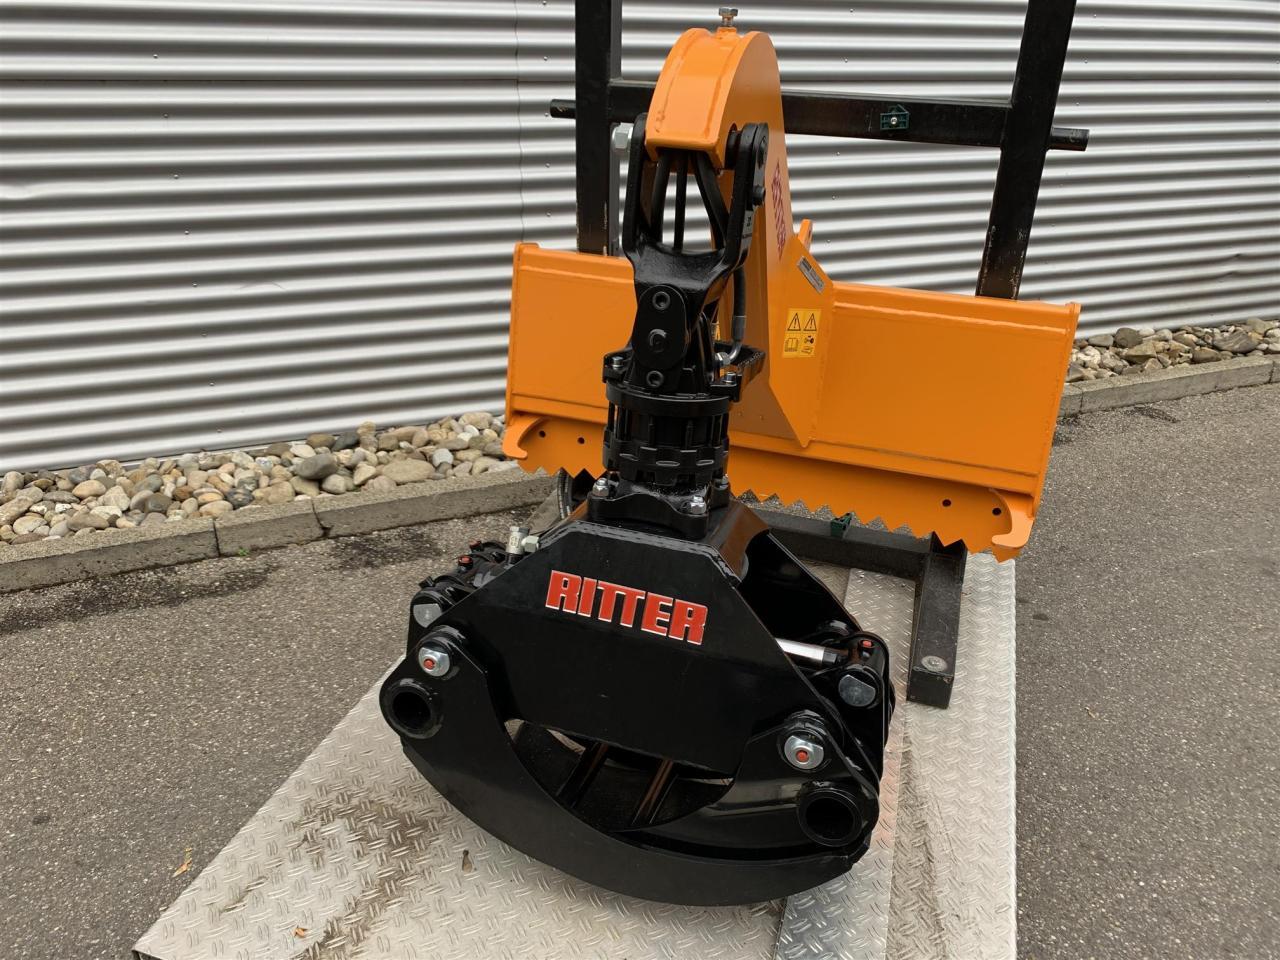 Ritter RG45R1300